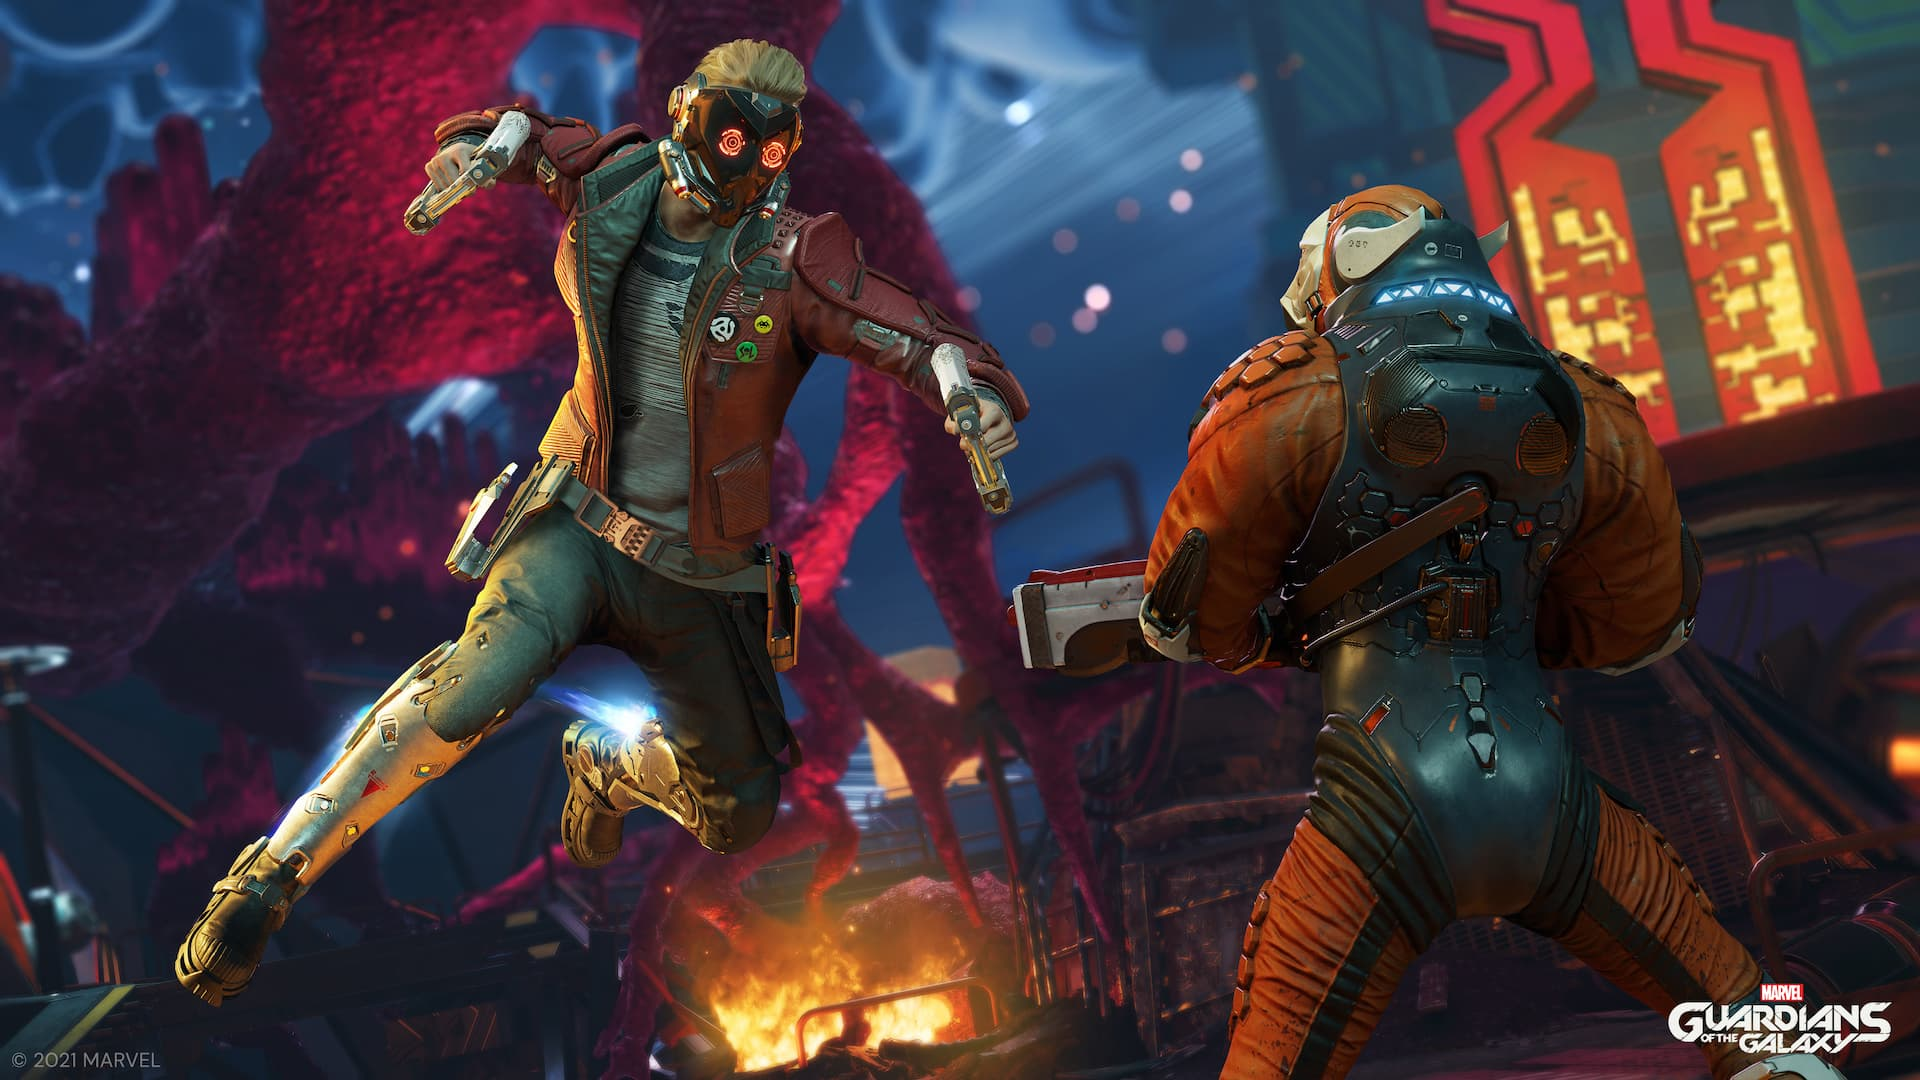 Impresiones de Guardians of the Galaxy - Os contamos todo sobre el nuevo juego de Square Enix y Marvel 4